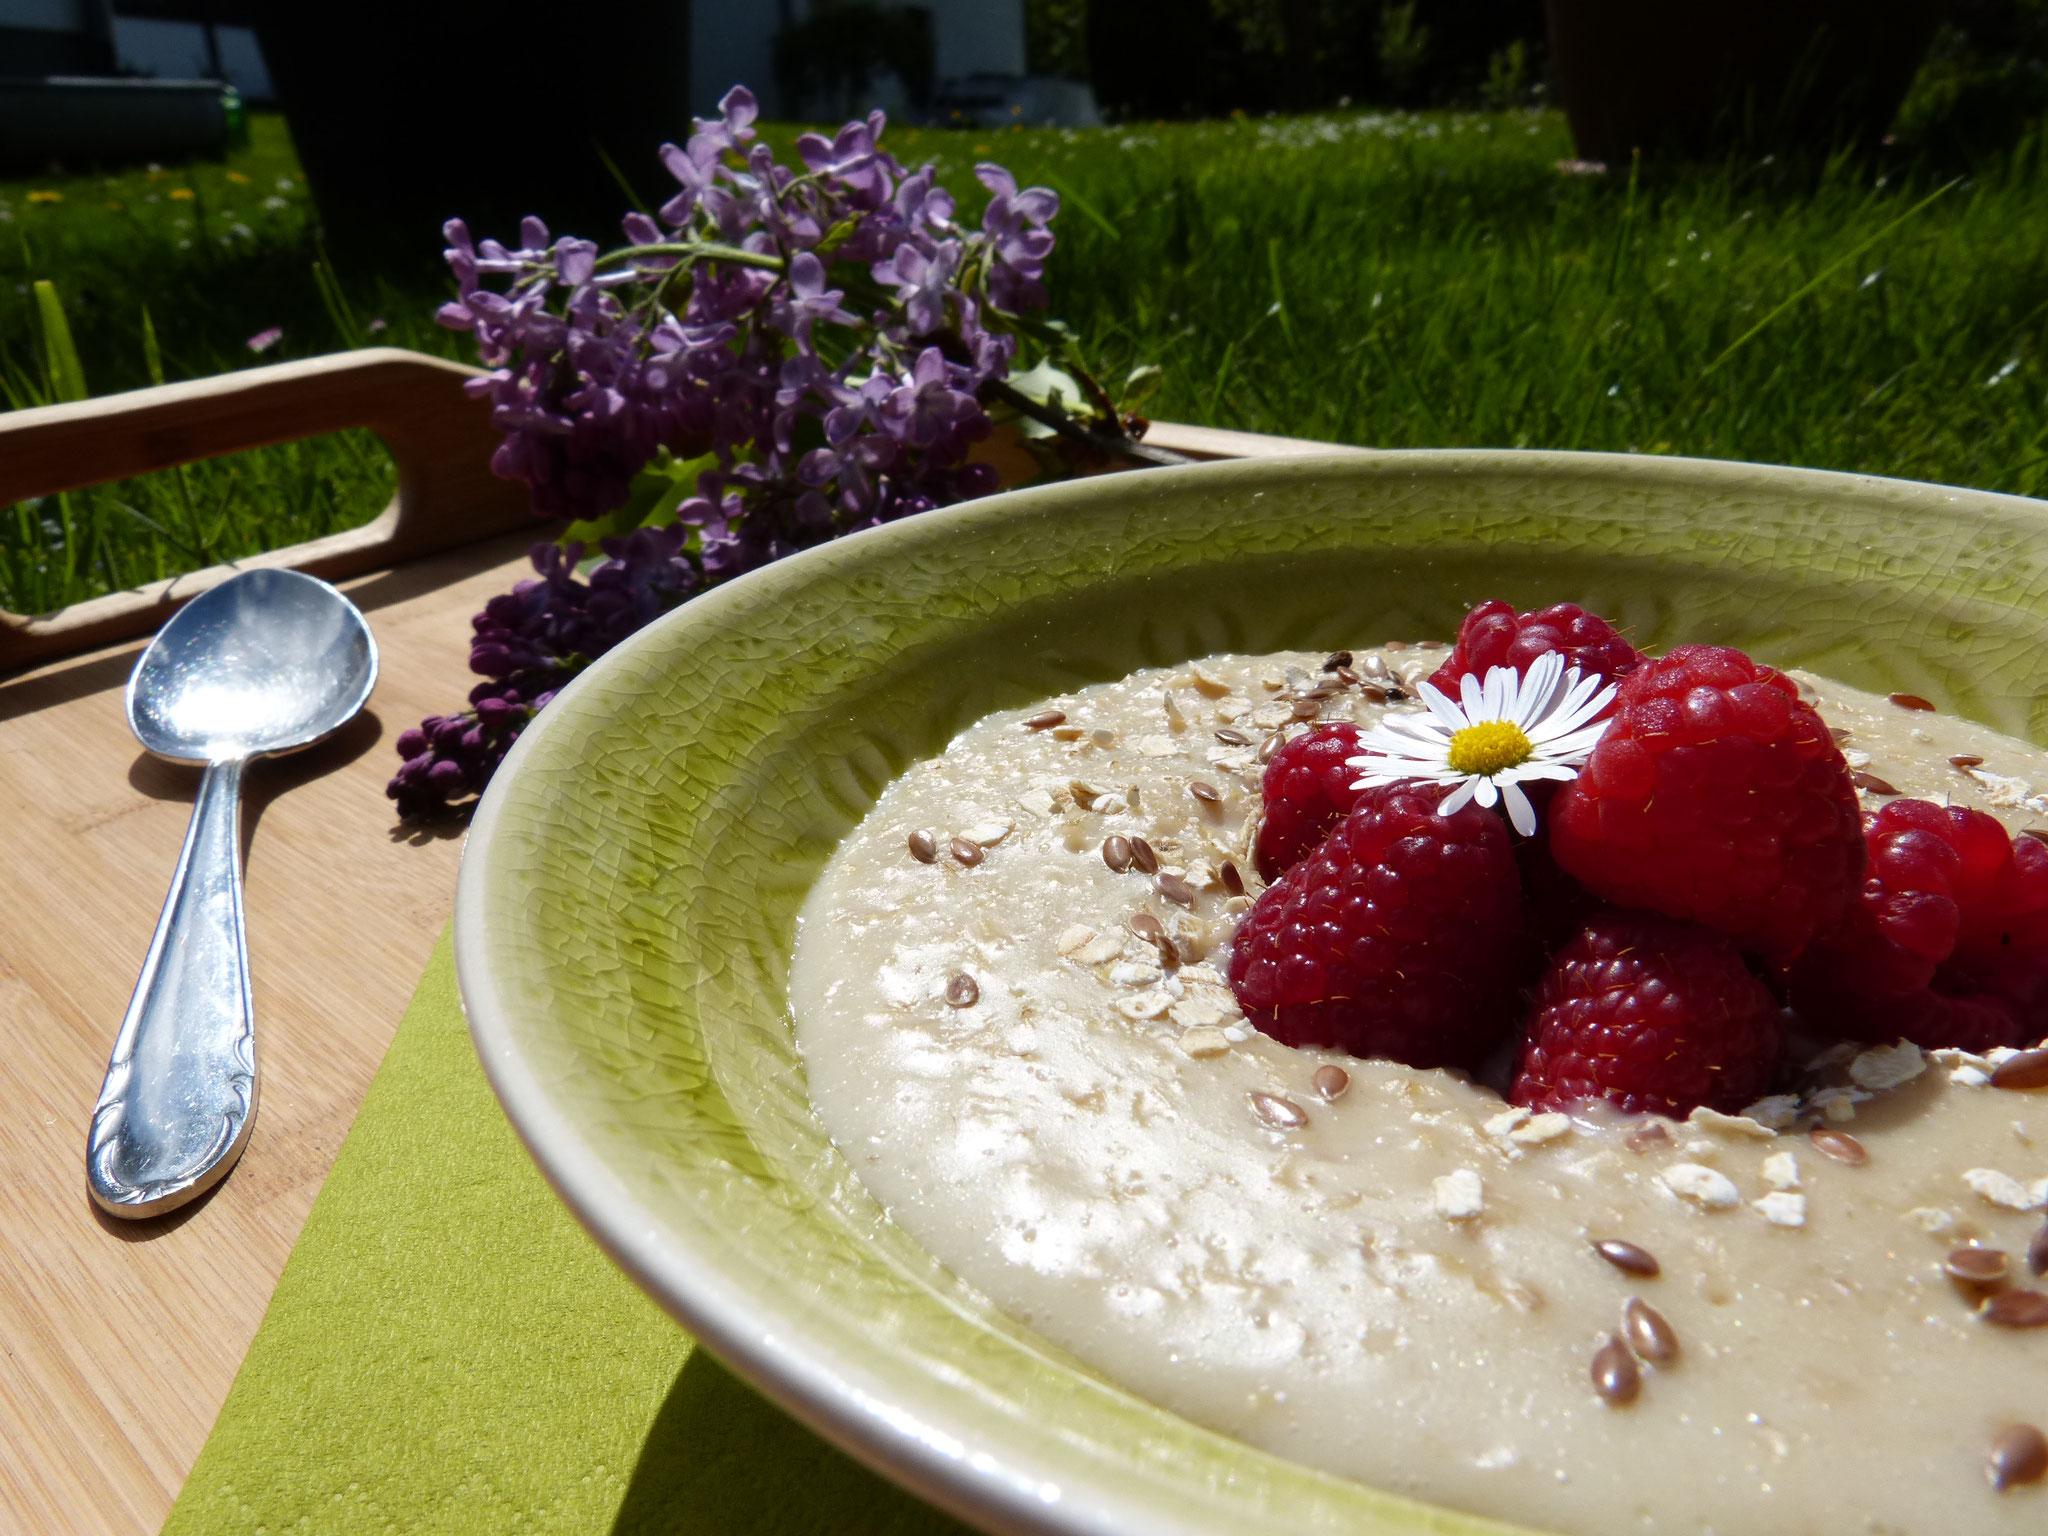 Gesunde Ernährung wird hier großgeschrieben - hier zu sehen: Oatmeal